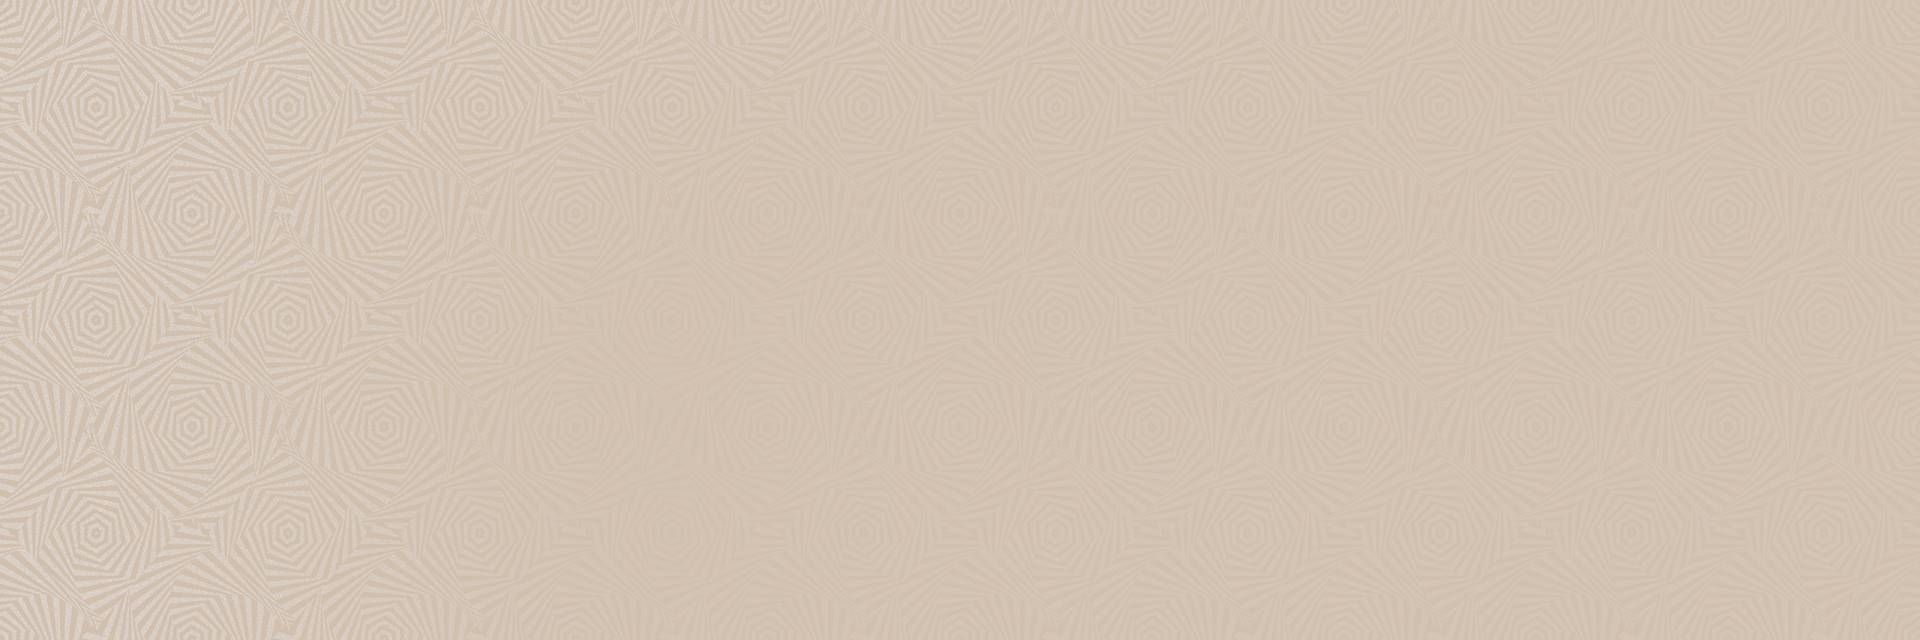 Купить Керамическая плитка Cifre Cromatica Vison настенная 25х75, Cifre Ceramica, Испания